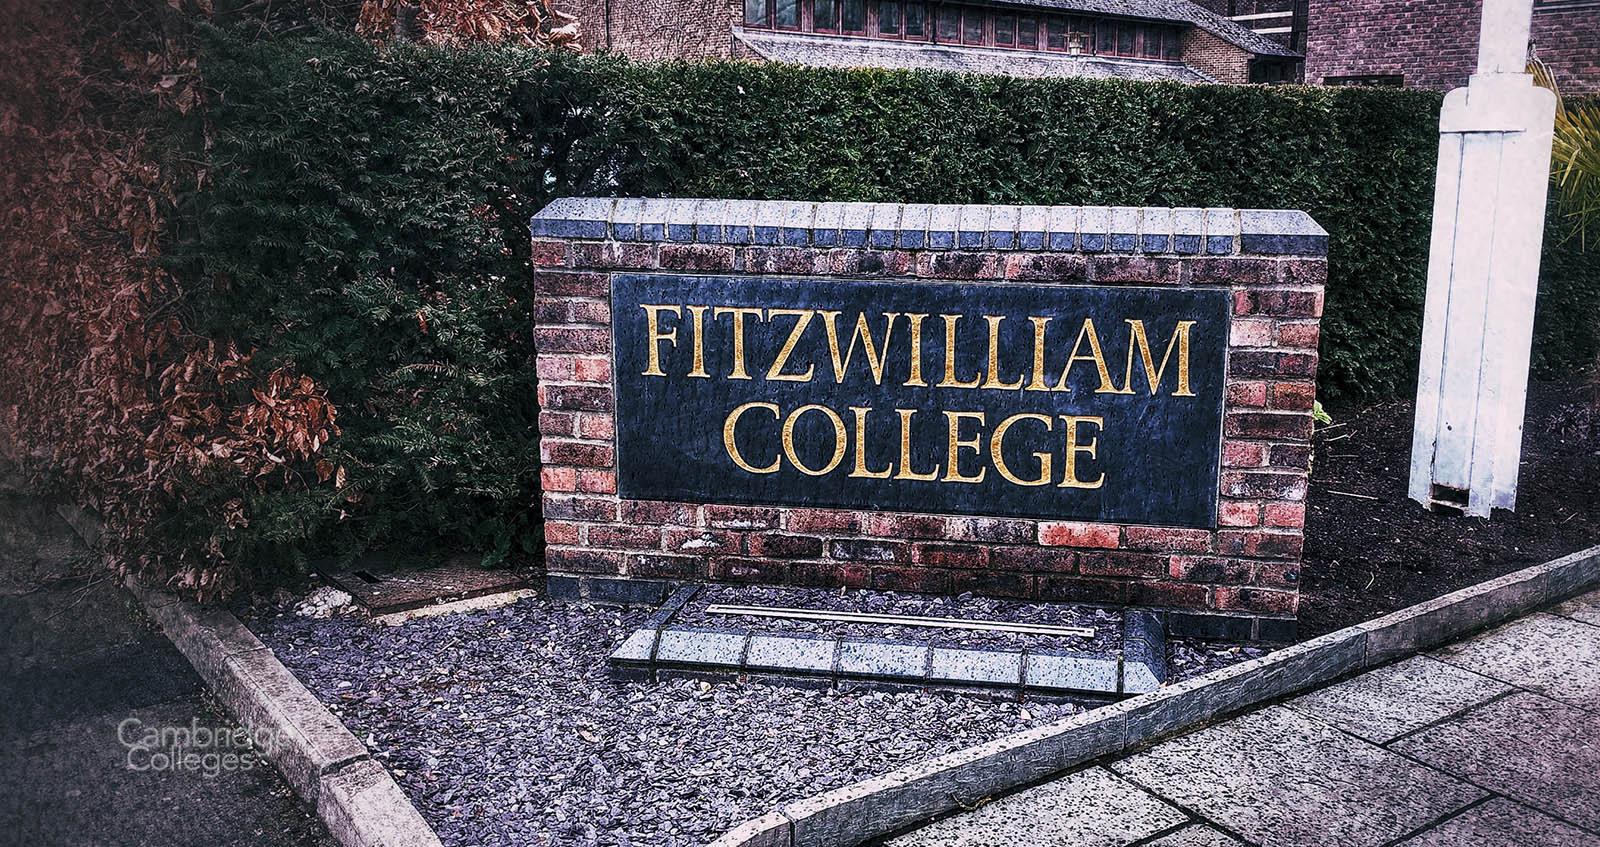 Fizwilliam college sign